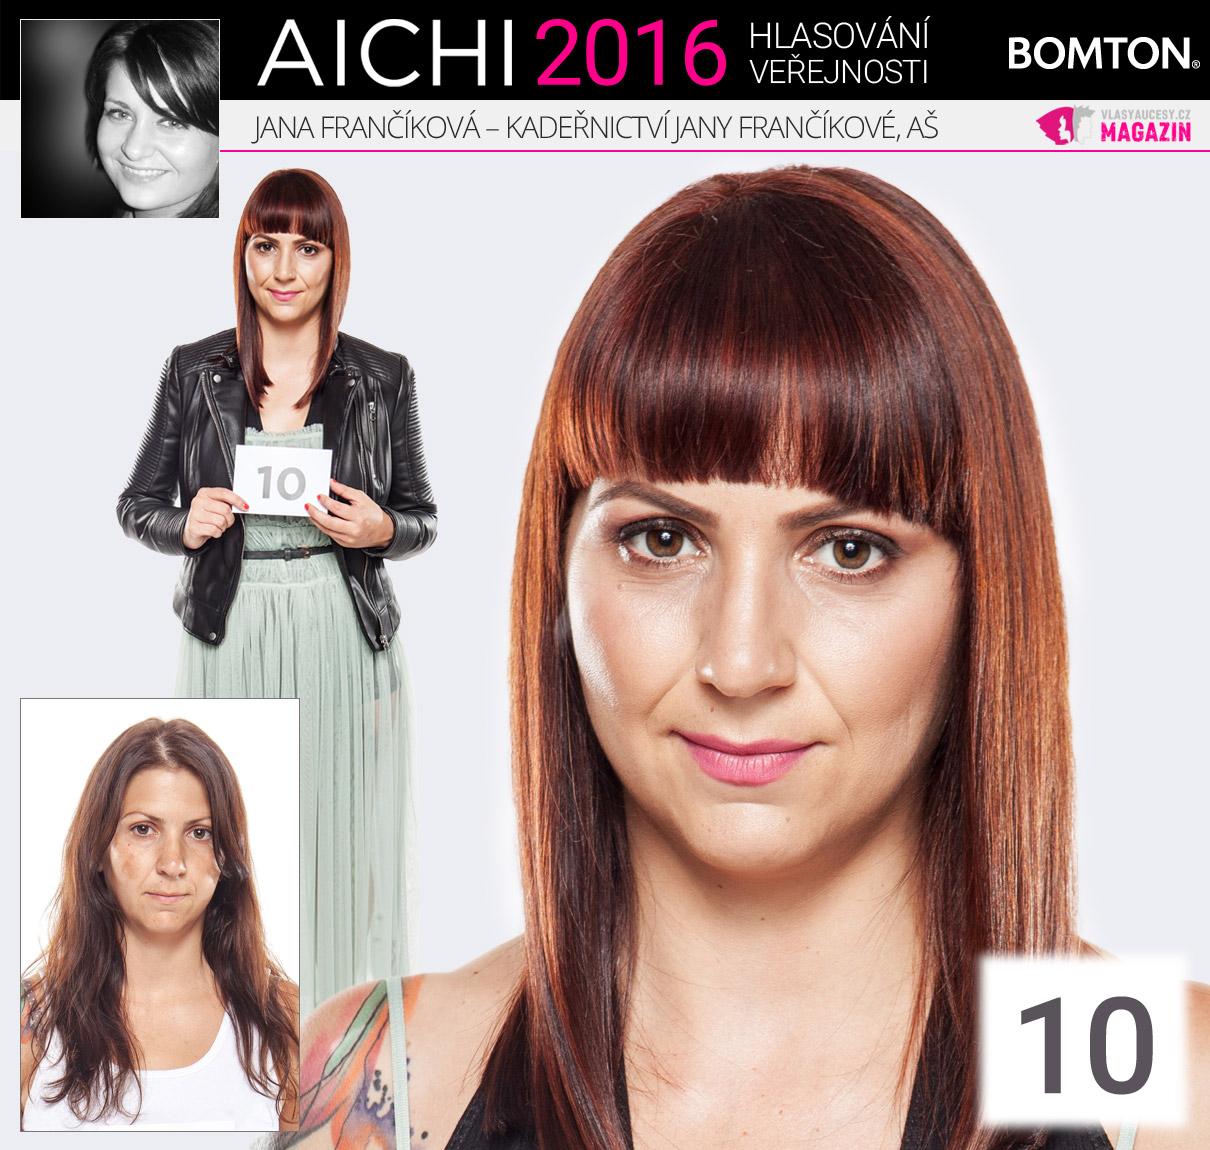 Finálová proměna AICHI 2016: Jana Frančíková, Kadeřnictví Jany Frančíkové, Aš